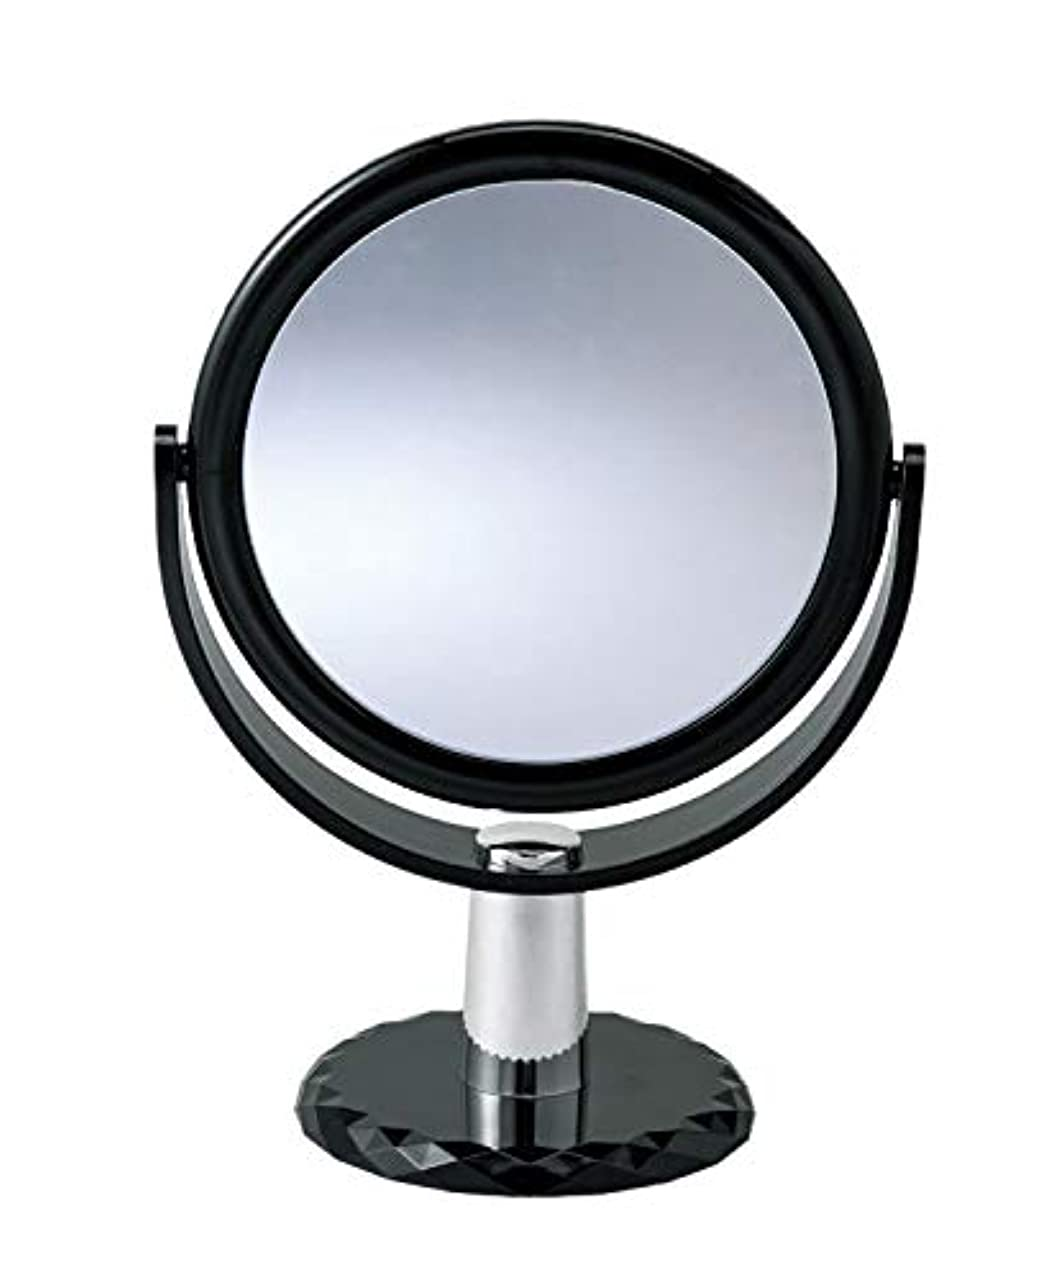 牛海岸西10倍拡大鏡付きの2面ミラー 卓上 スタンドミラー 化粧鏡 メイク 360度回転